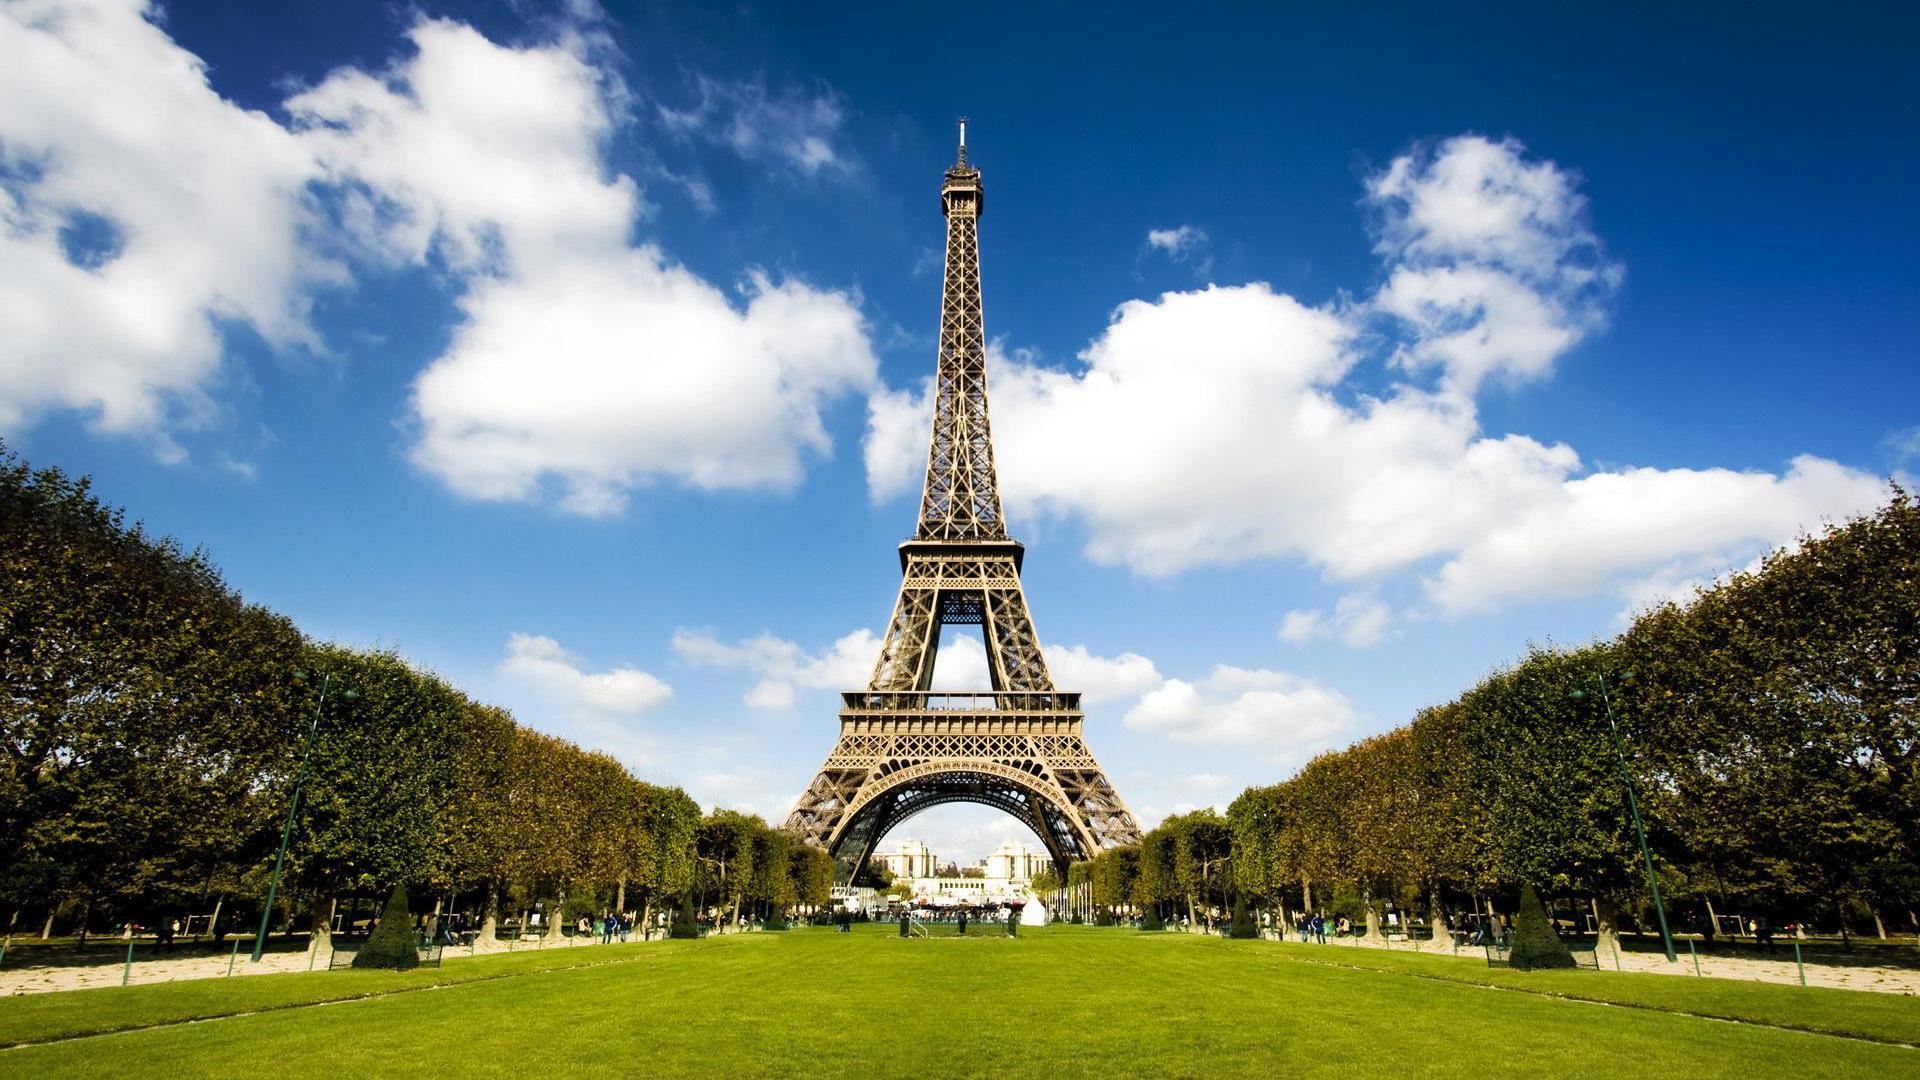 природа страны архитектура Марсово поле Париж Франция  № 824060  скачать